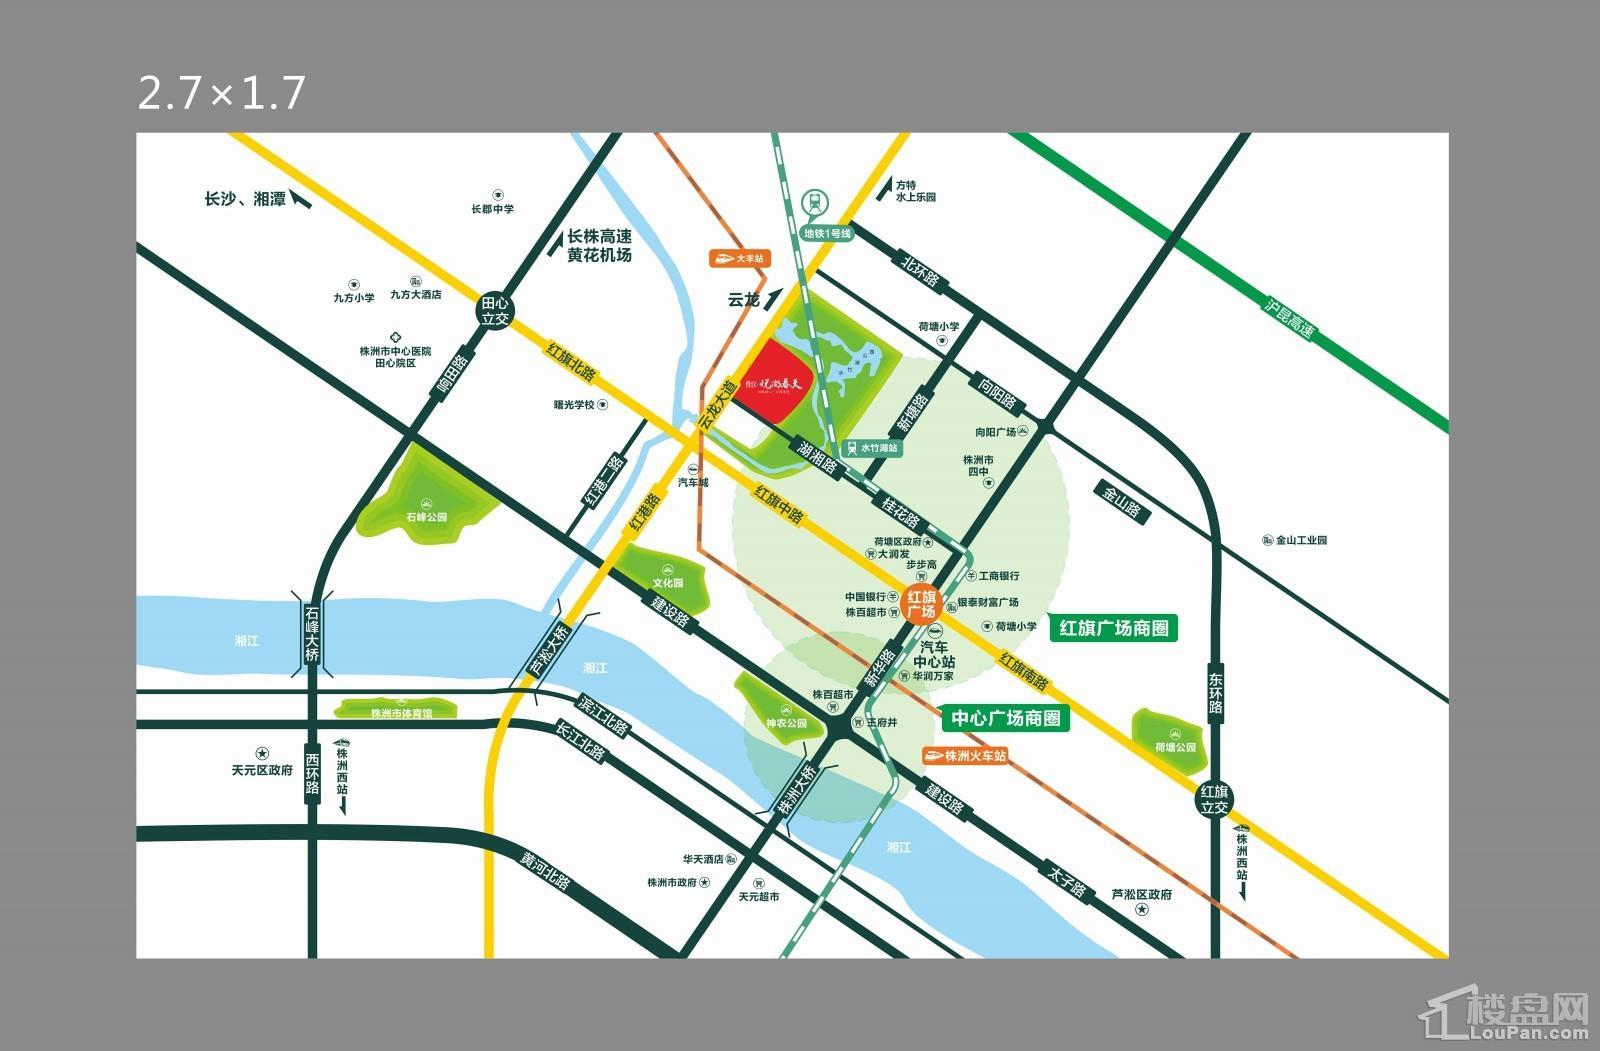 悦湖春天区位图